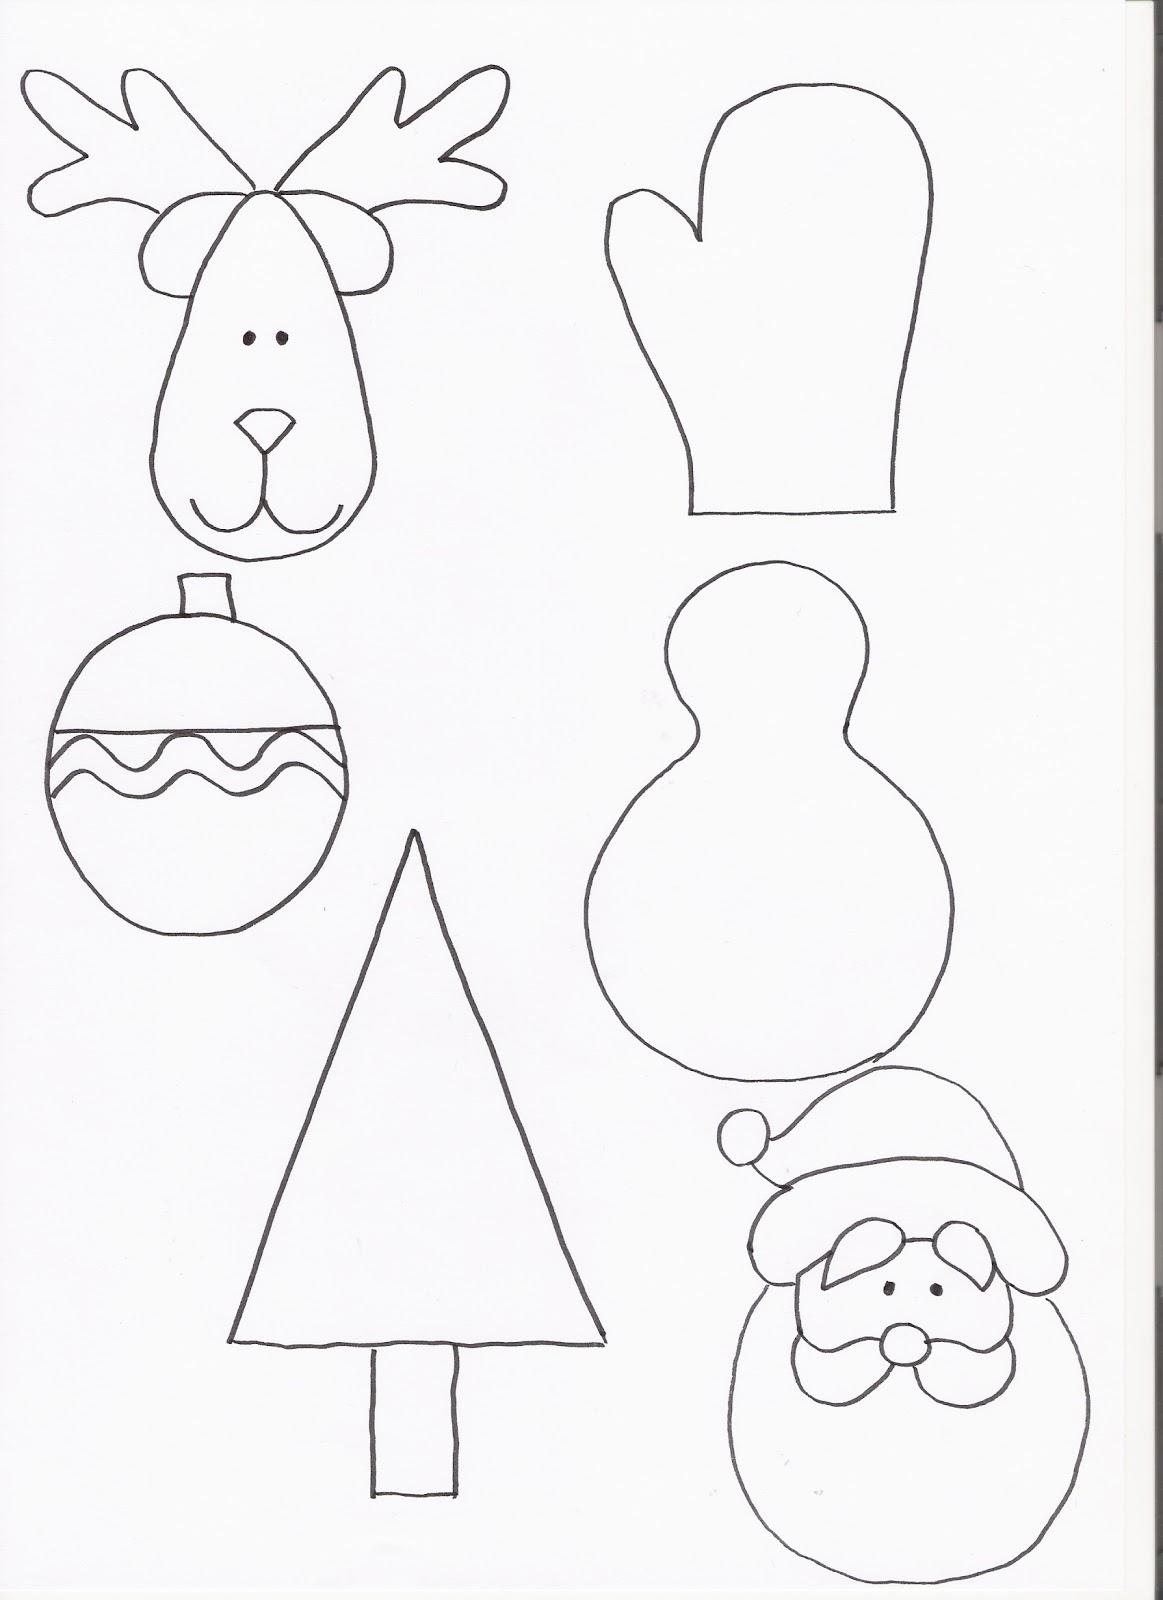 Mabi luna rbol de navidad de fieltro manualidades - Figuras de fieltro para navidad ...